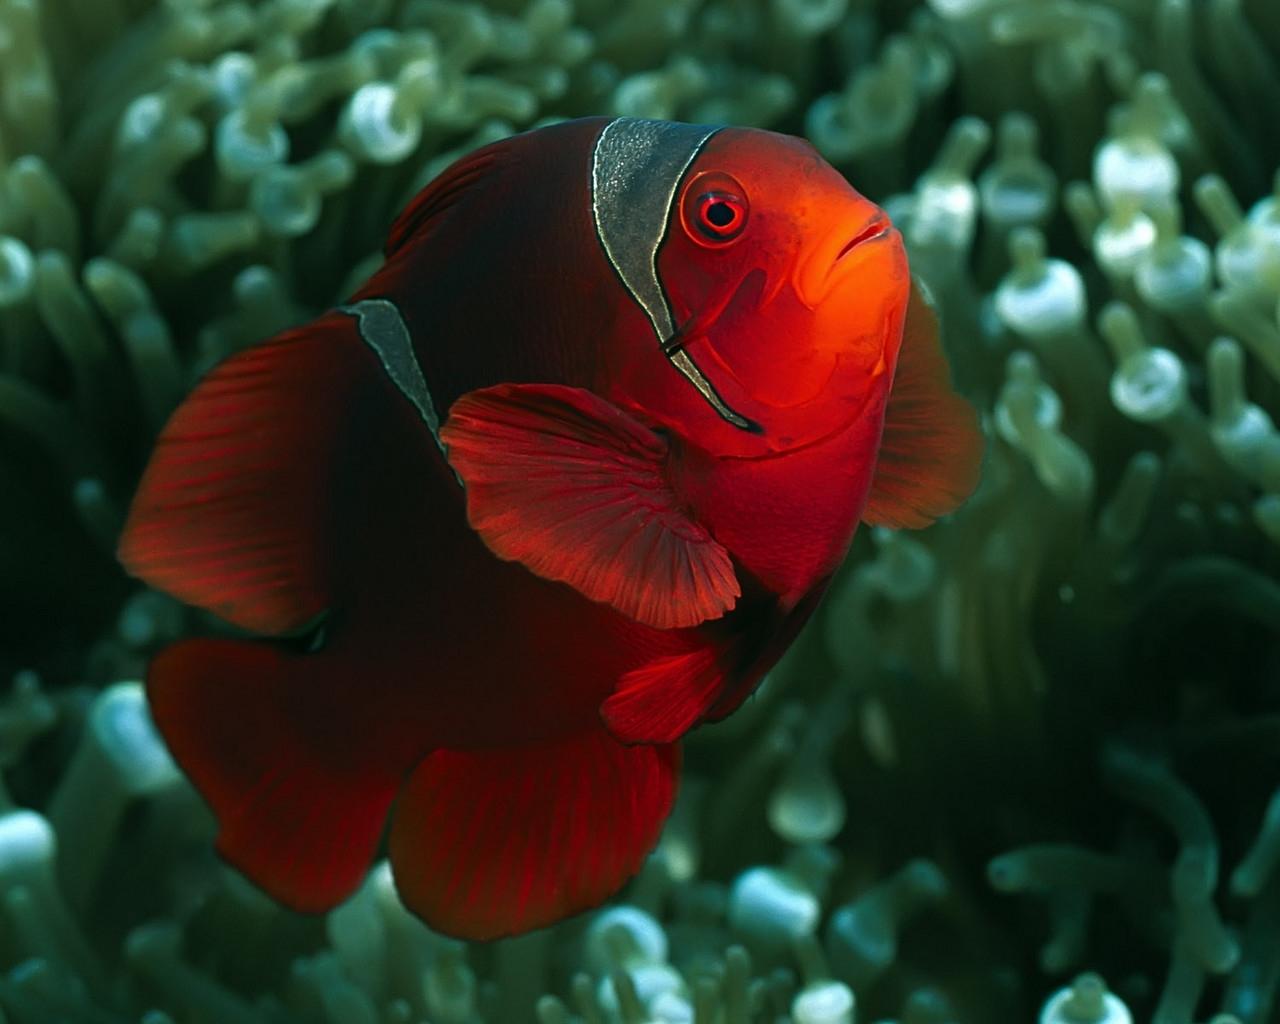 8928 Заставки и Обои Рыбы на телефон. Скачать Рыбы, Животные, Рыбы-Клоуны картинки бесплатно